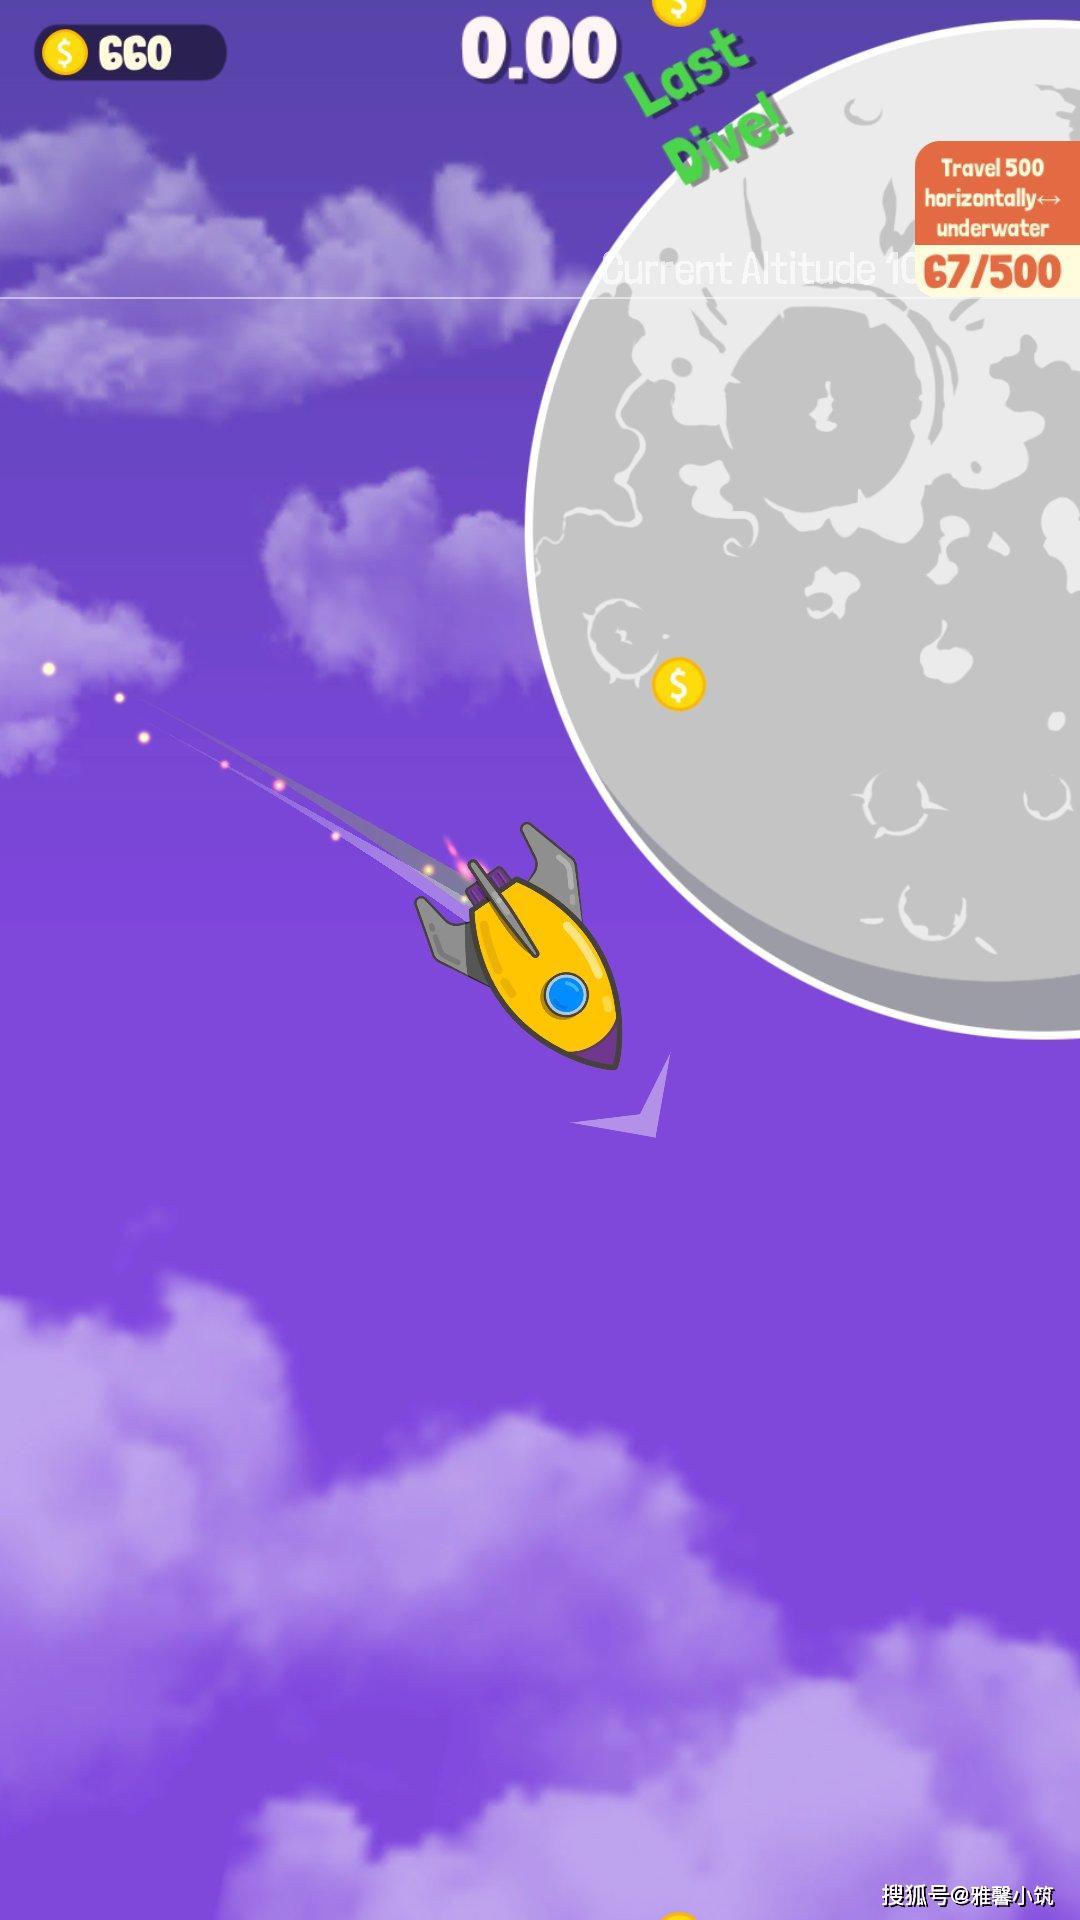 飞向宇宙的潜水艇《SubmarineJump!》旋转跳跃不停歇